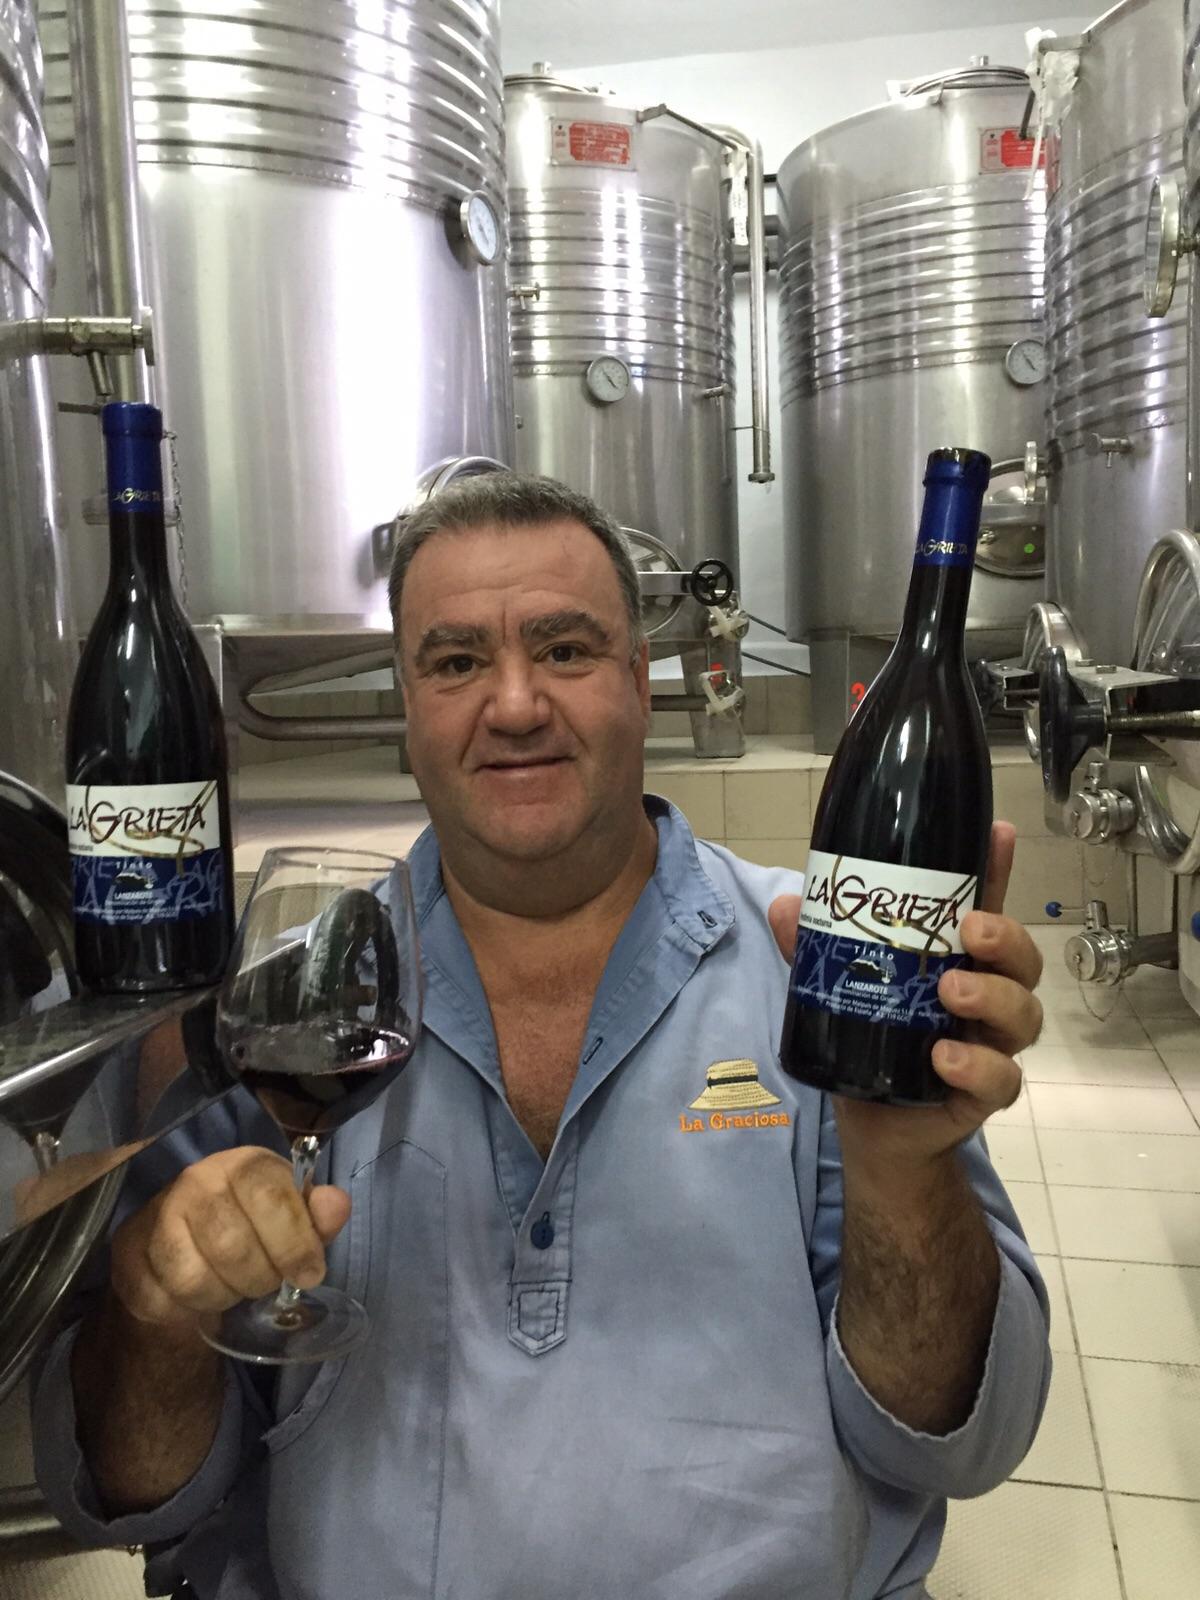 """El Tinto Vendimia Nocturna de La Grieta premiado en el concurso internacional de vinos """"VinDuero"""" con medalla de plata."""